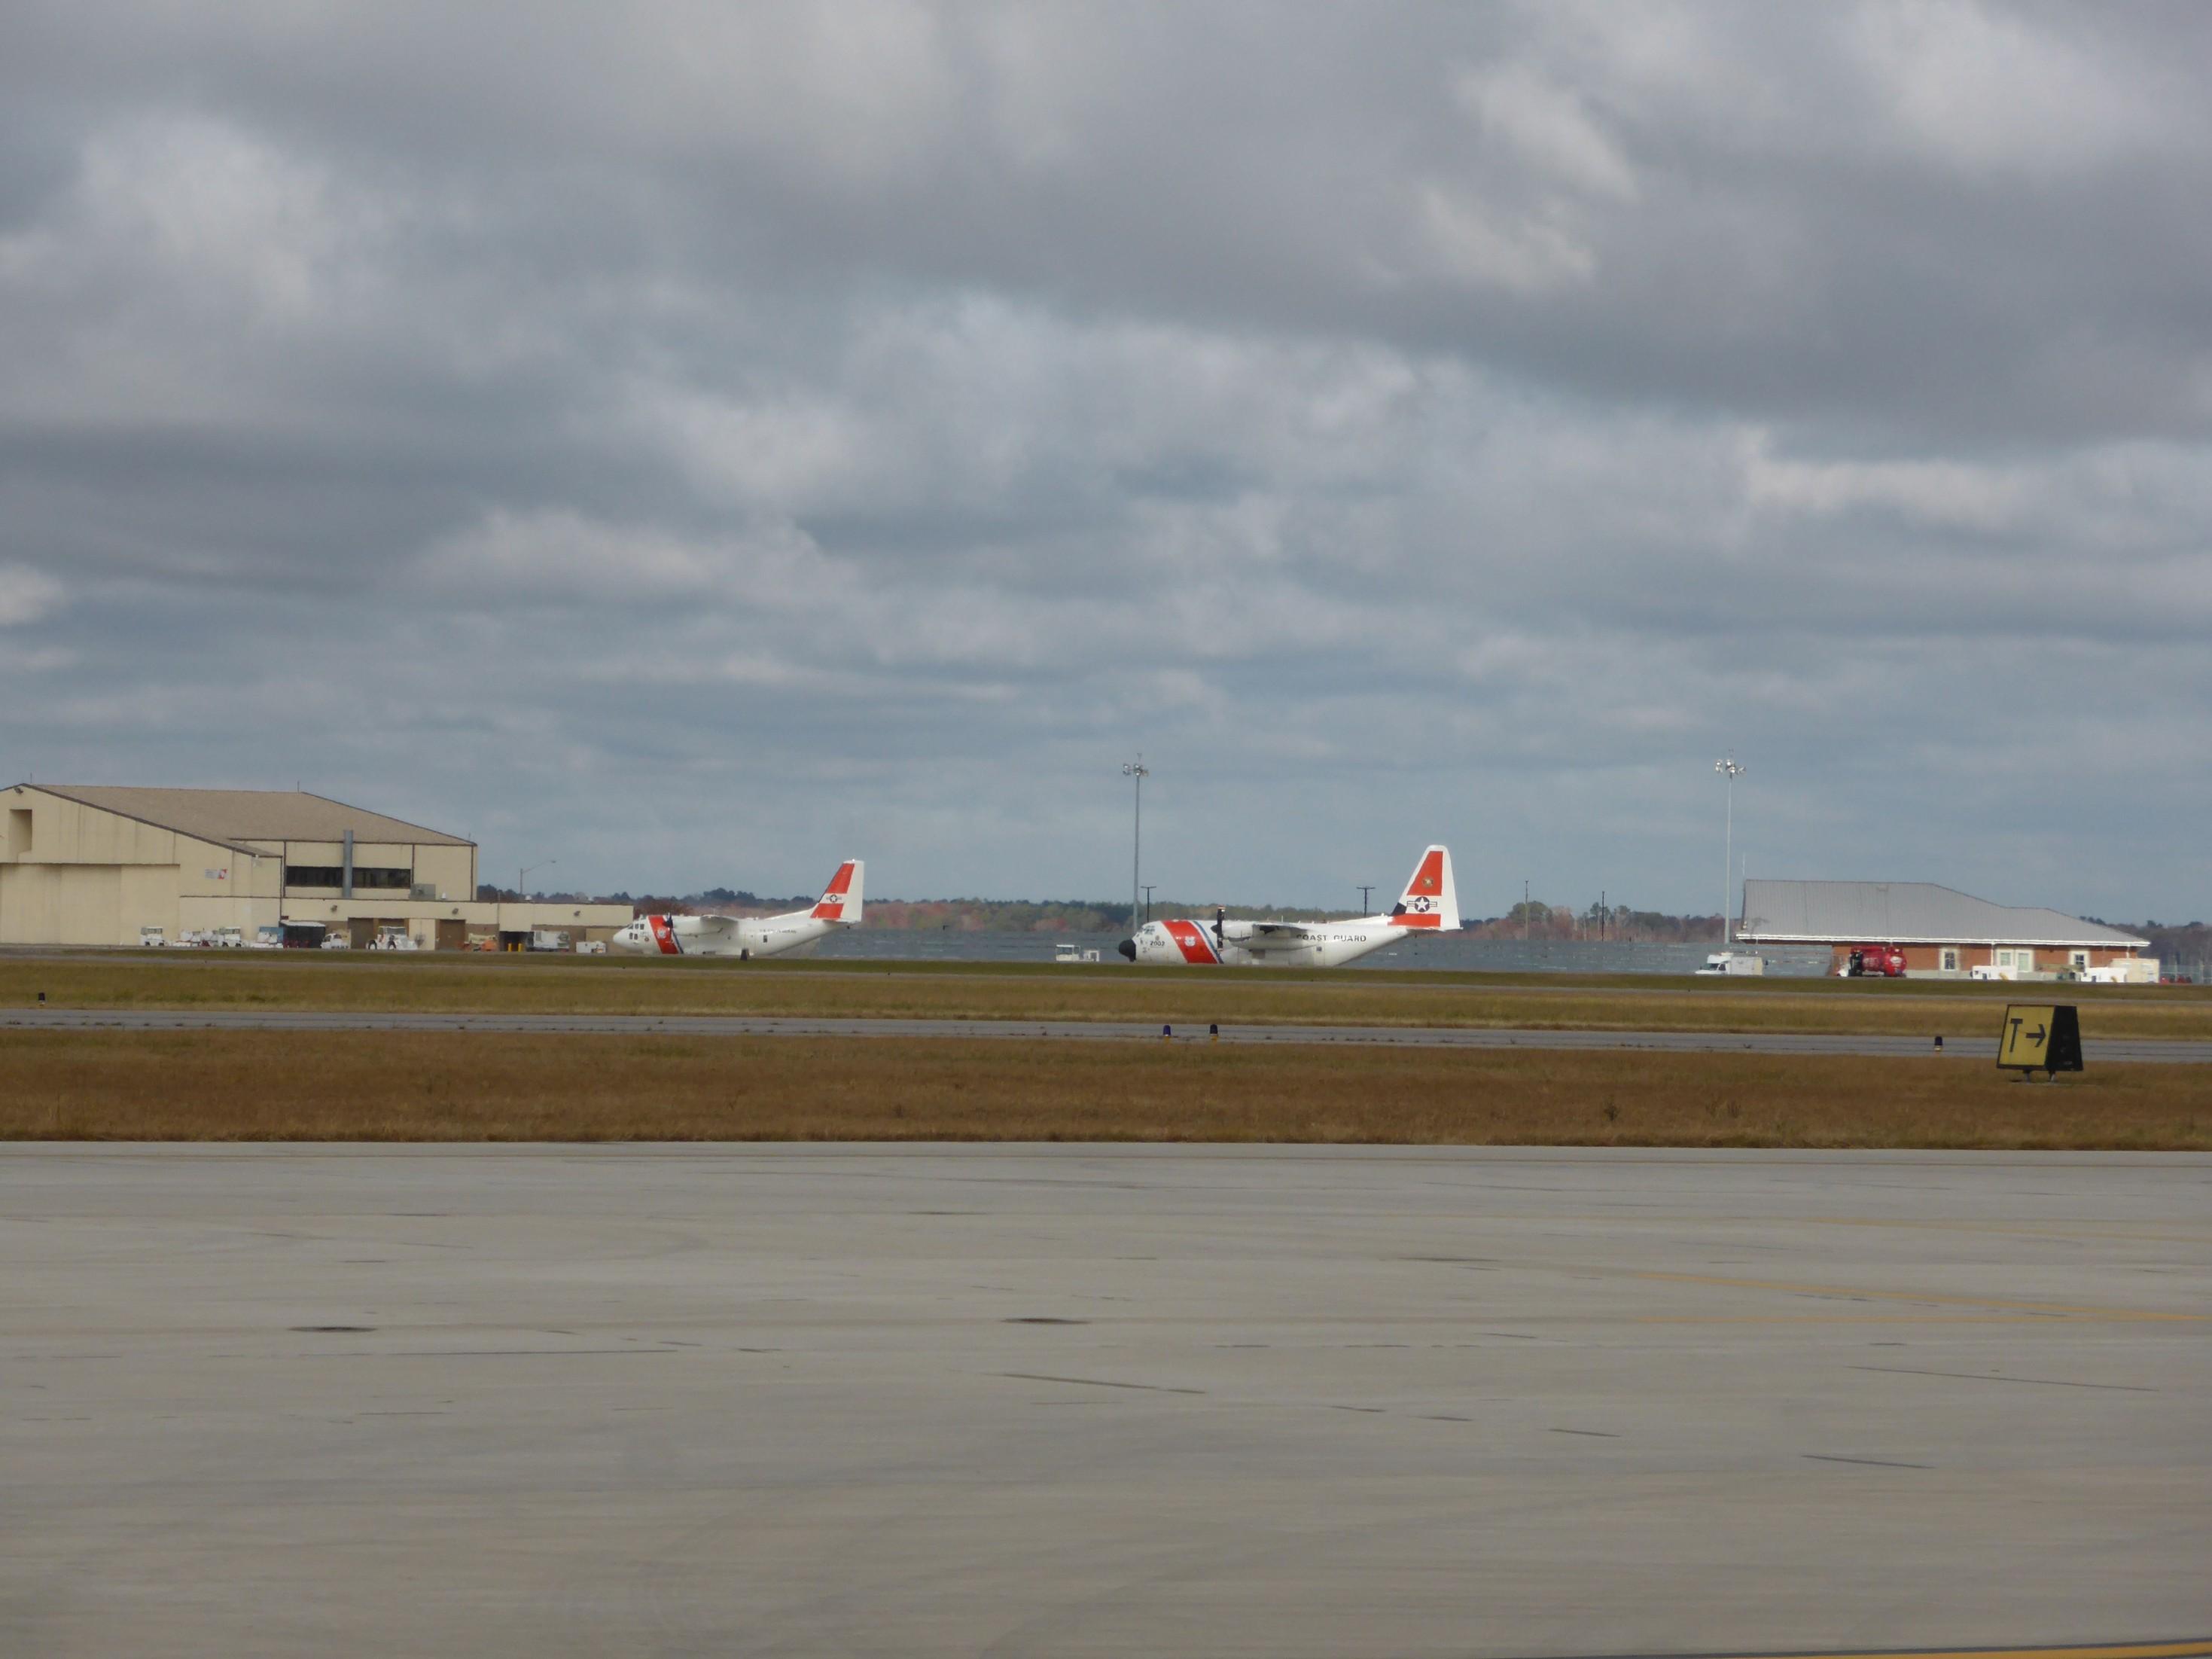 První mezipřistání, letiště Elizabeth City (KECG), Jižní Karolína.